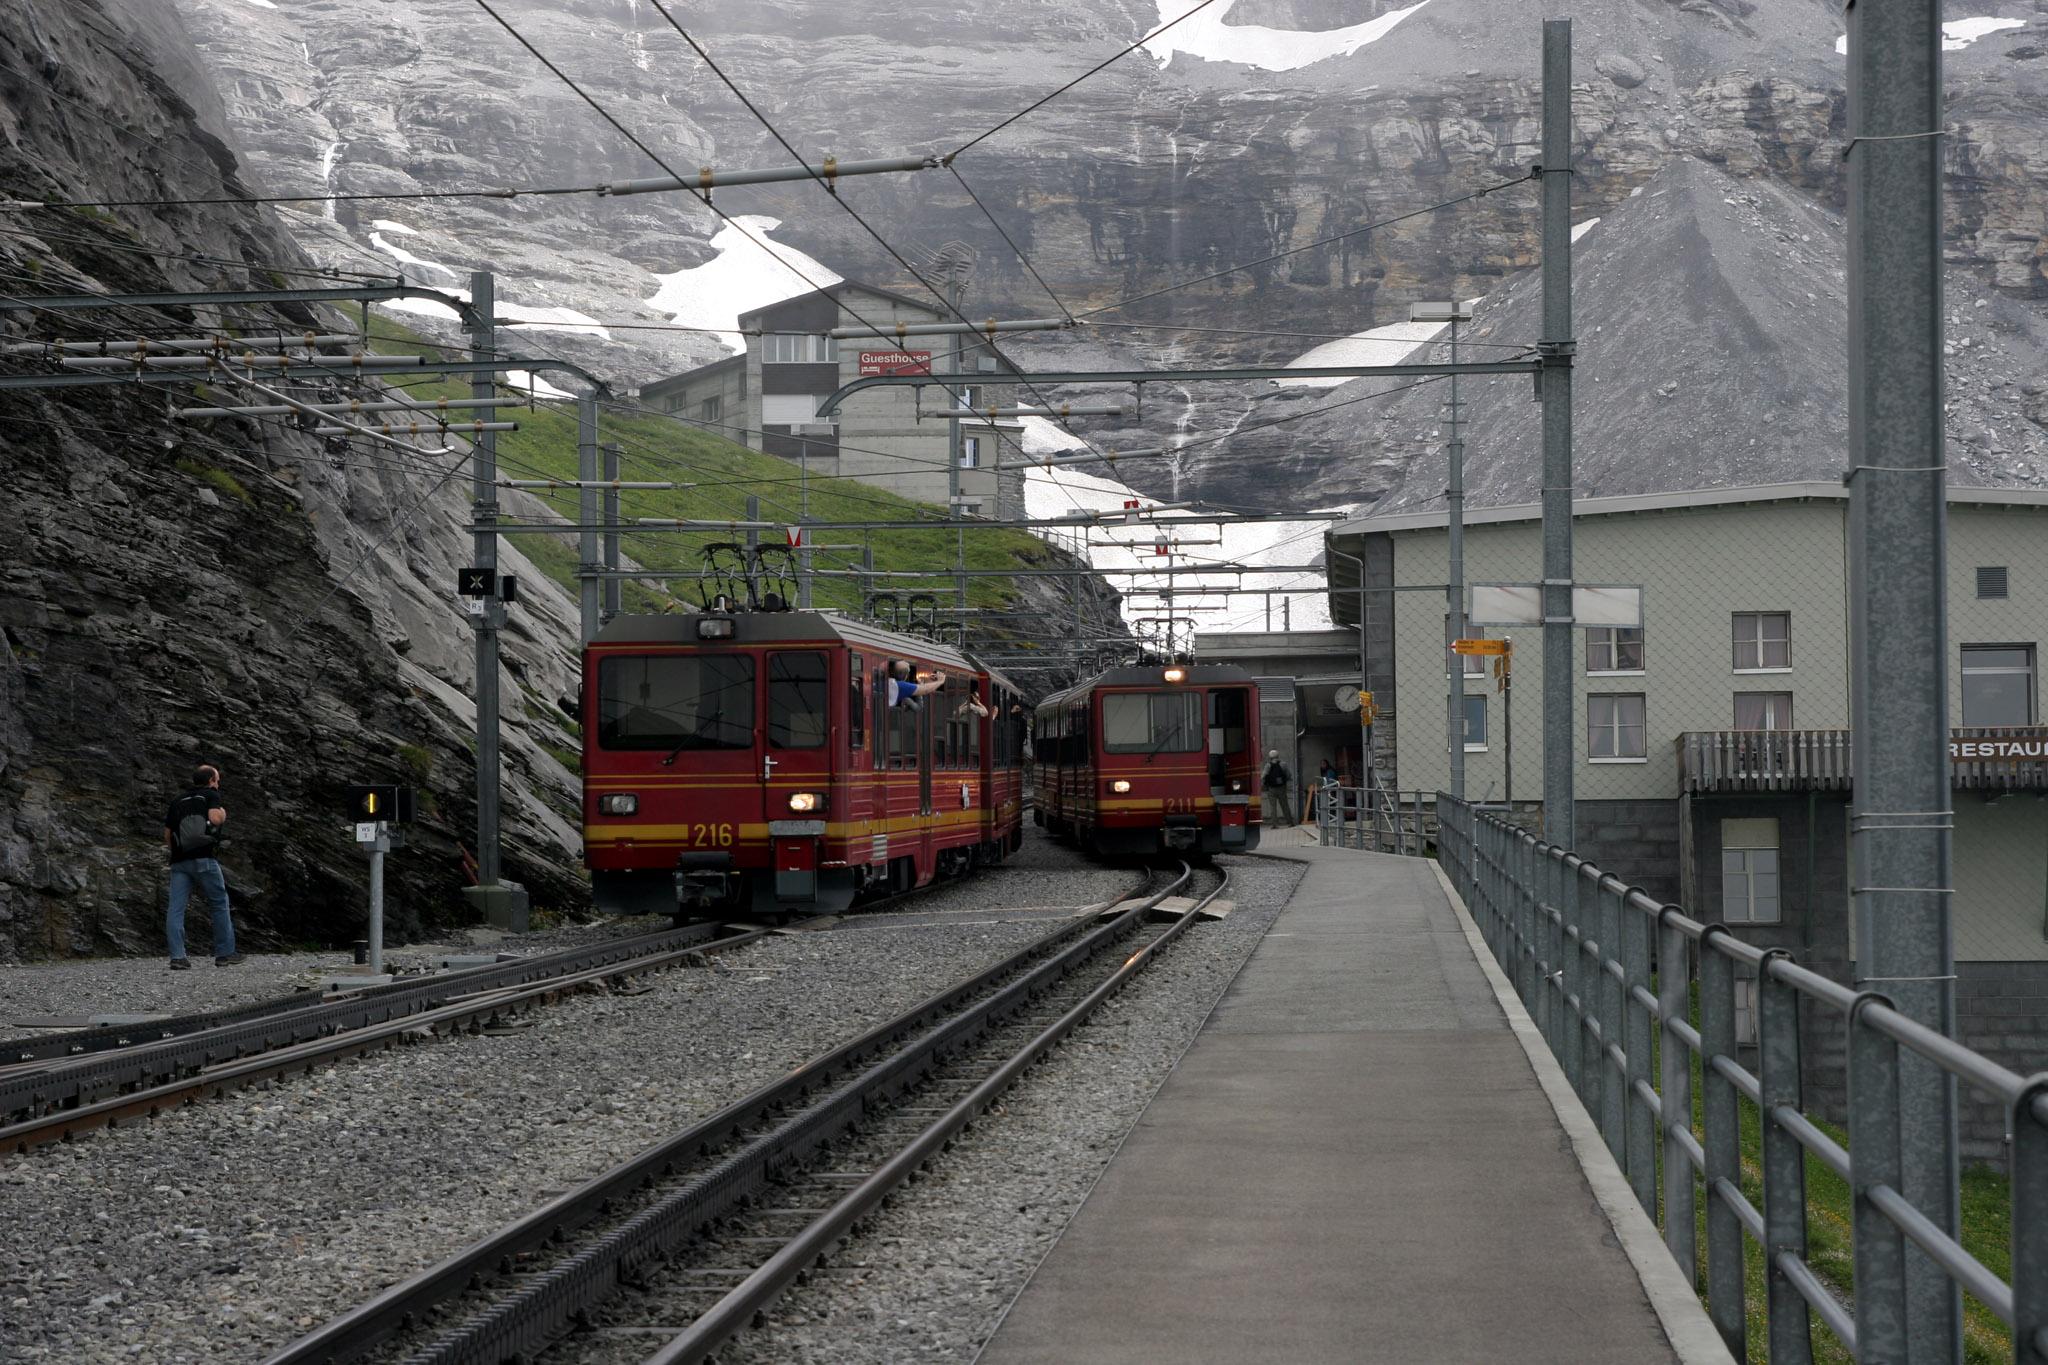 Station_Eigergletscher_01